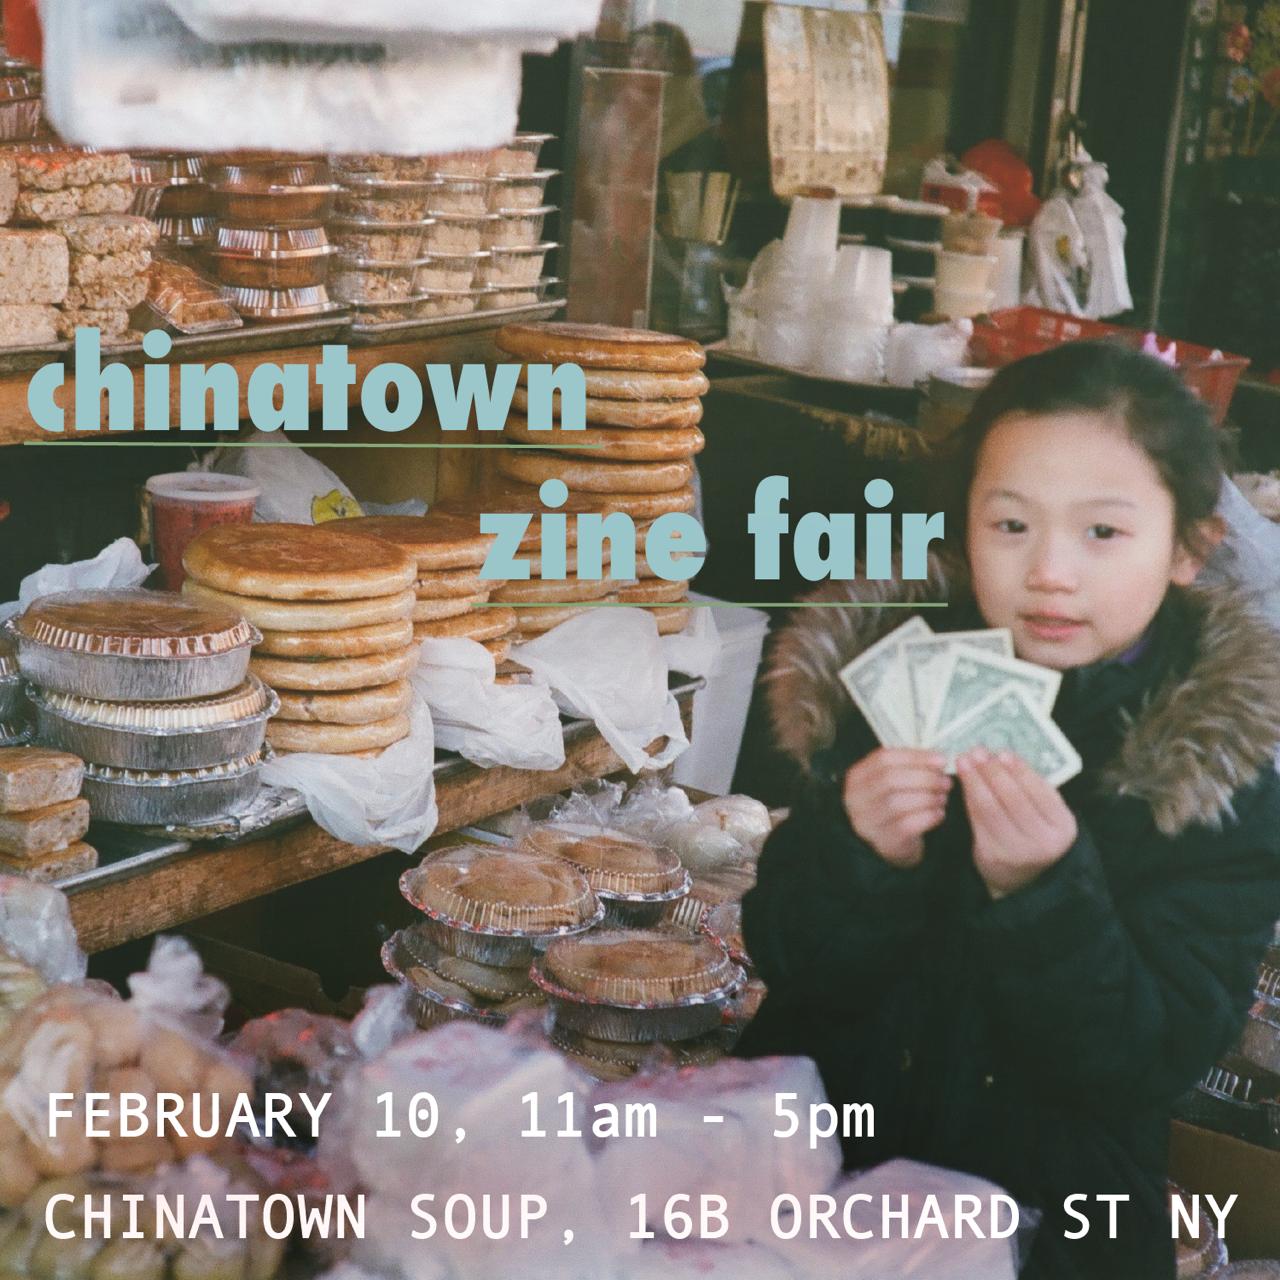 chinatownzinefair2.png